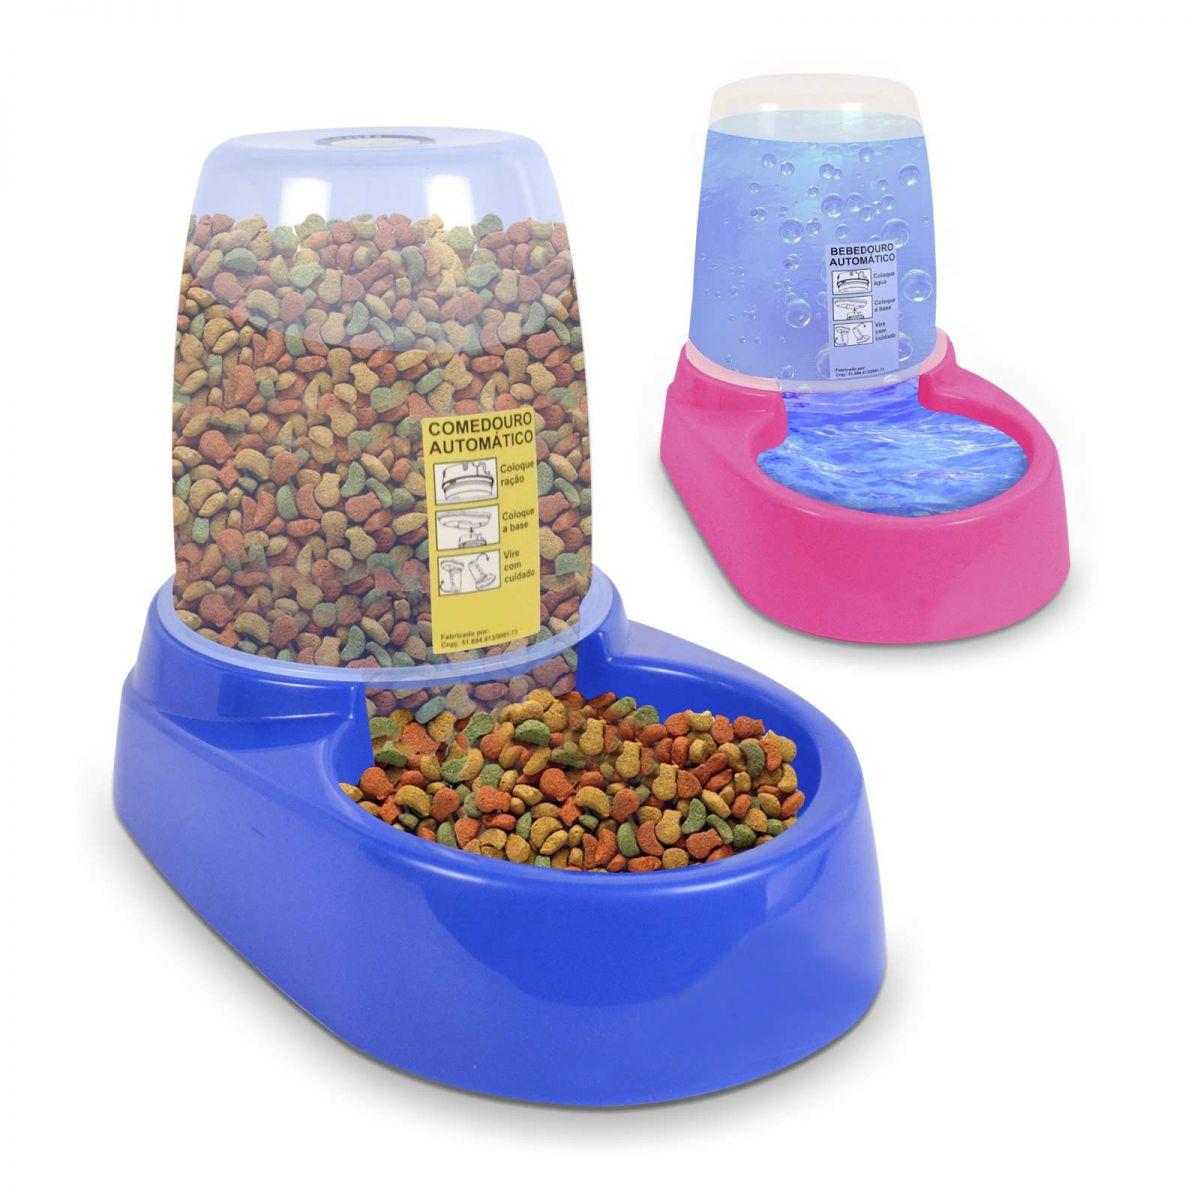 Comedouro ou Bebedouro Automático para Cachorro Gato Pet Flex Revolution Dupla Função com reservatório